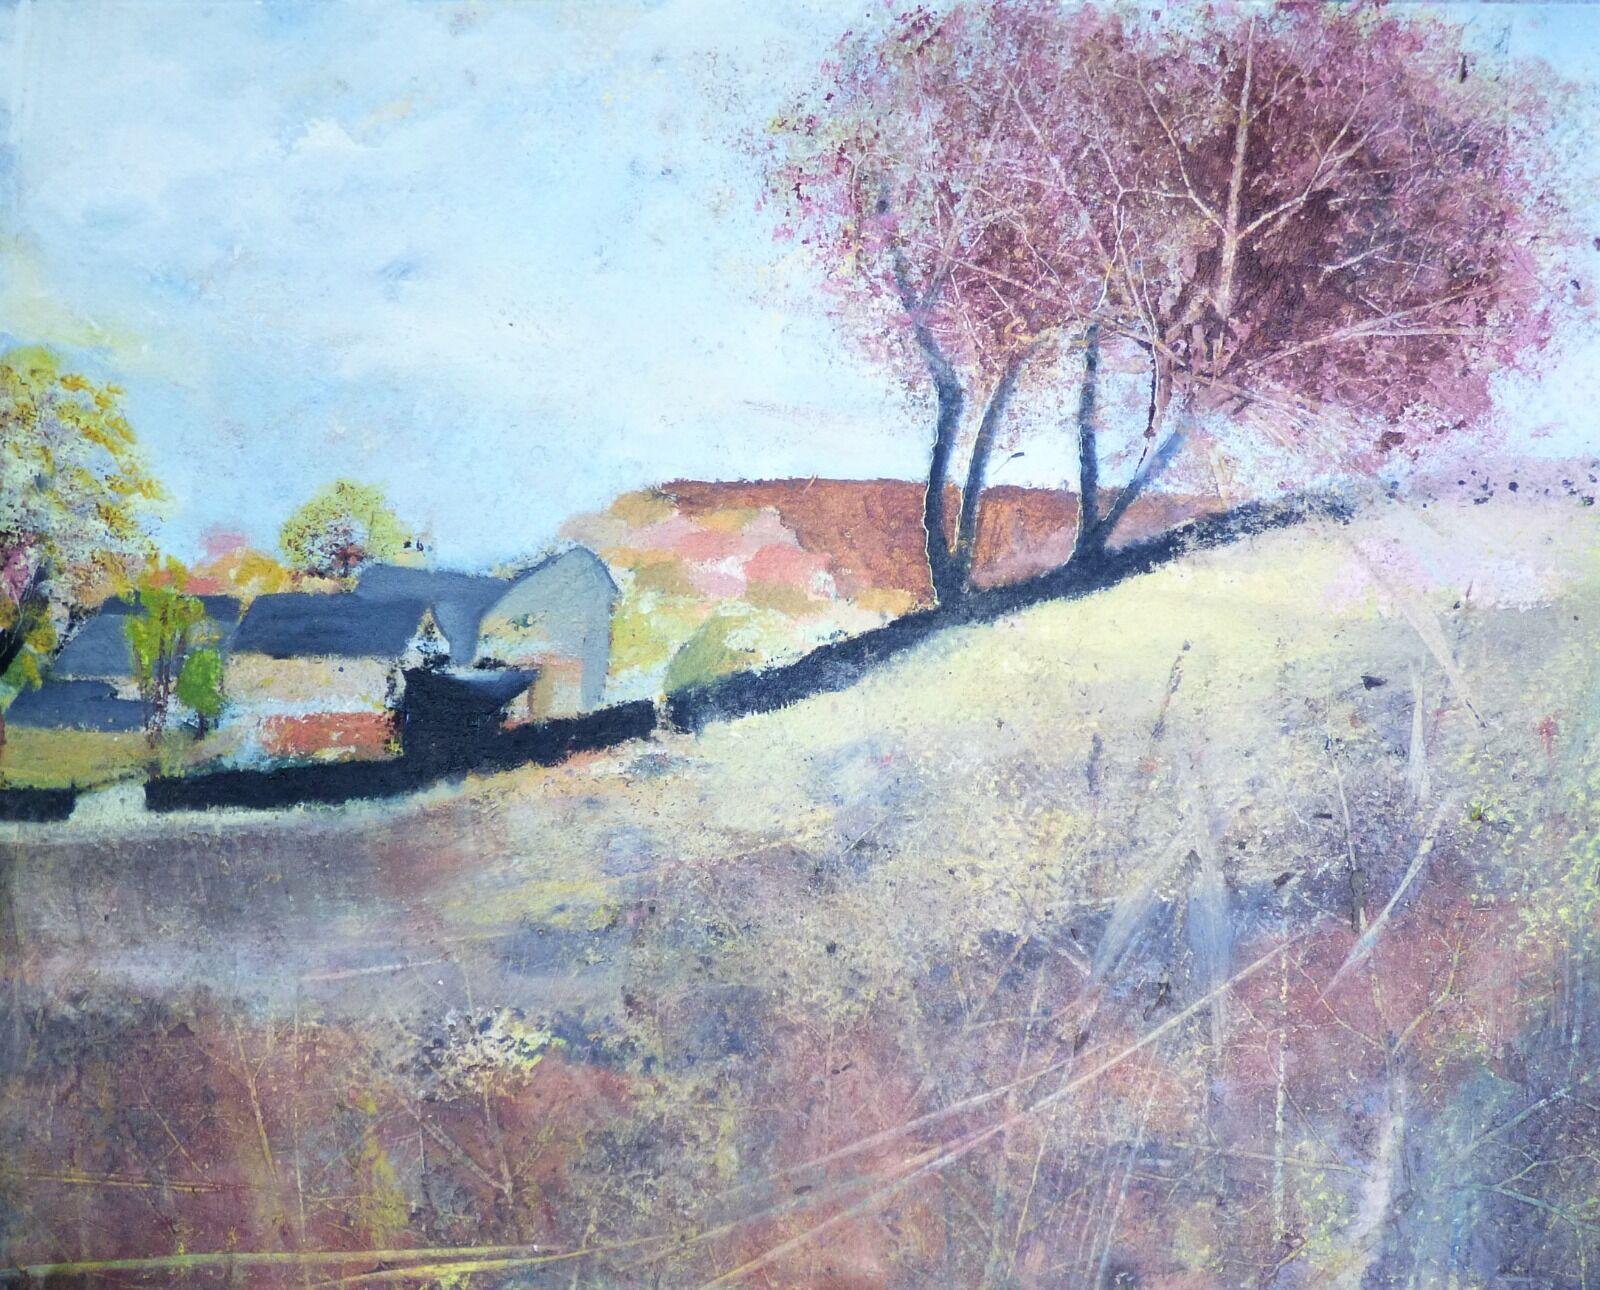 Looking out across fields towards Lee's Moor.